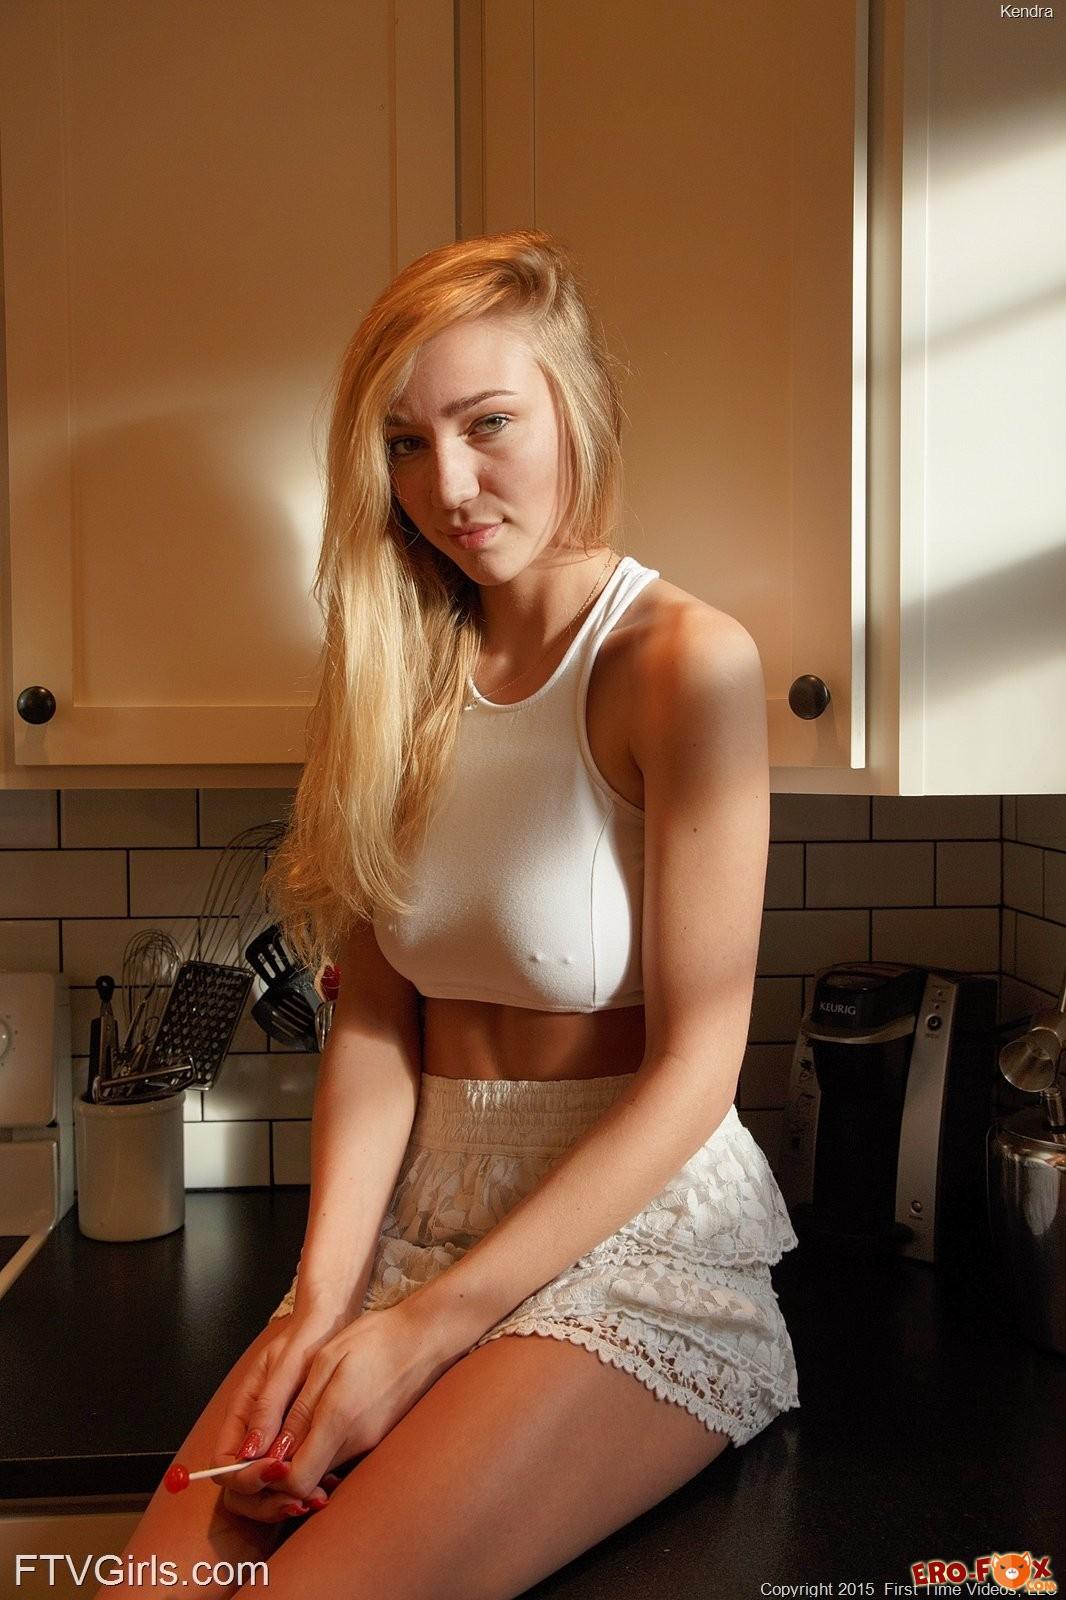 Грудастая подруга жены на кухне